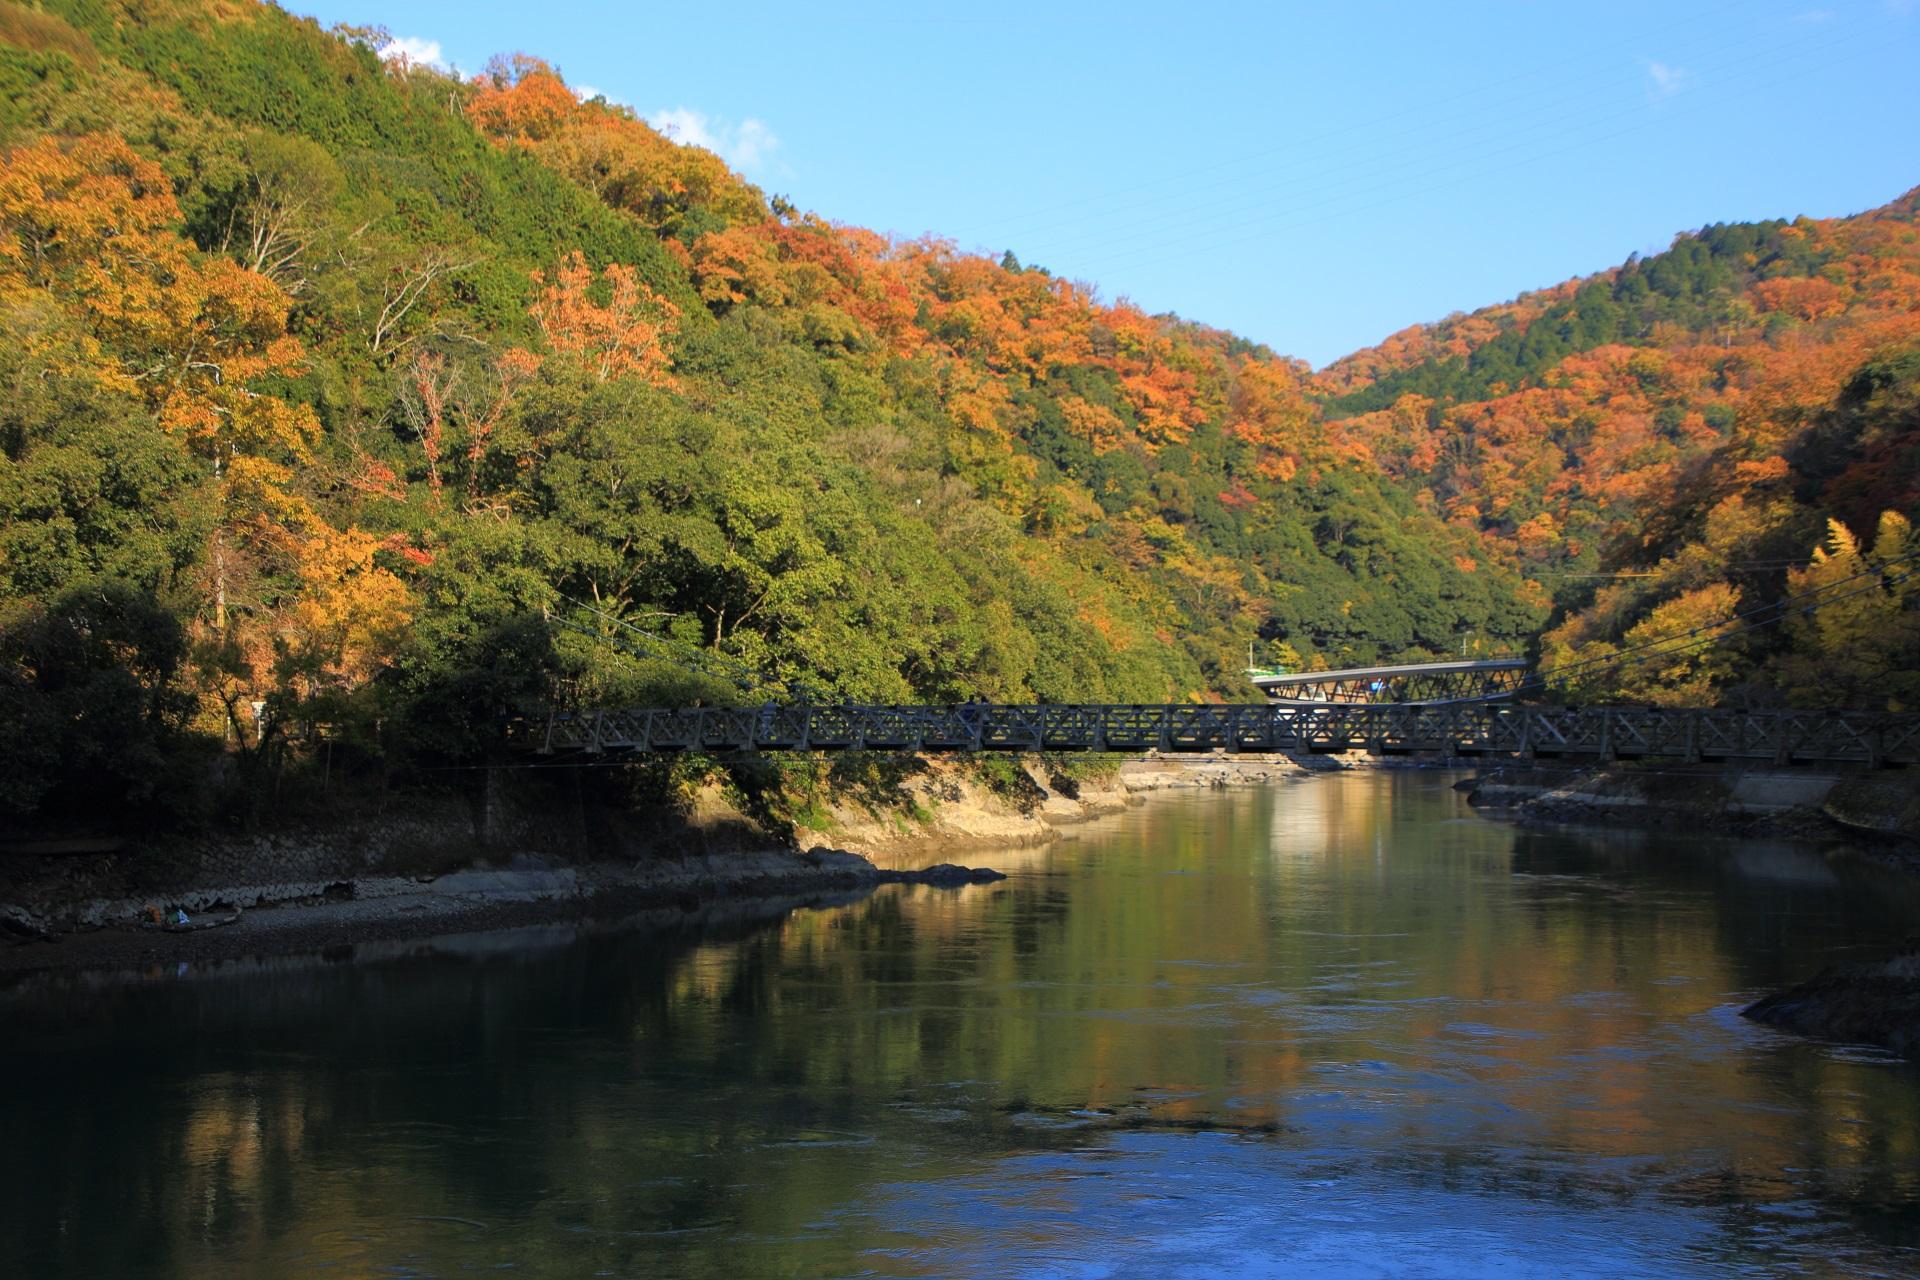 天ヶ瀬吊橋と宇治川を彩る暖かな紅葉